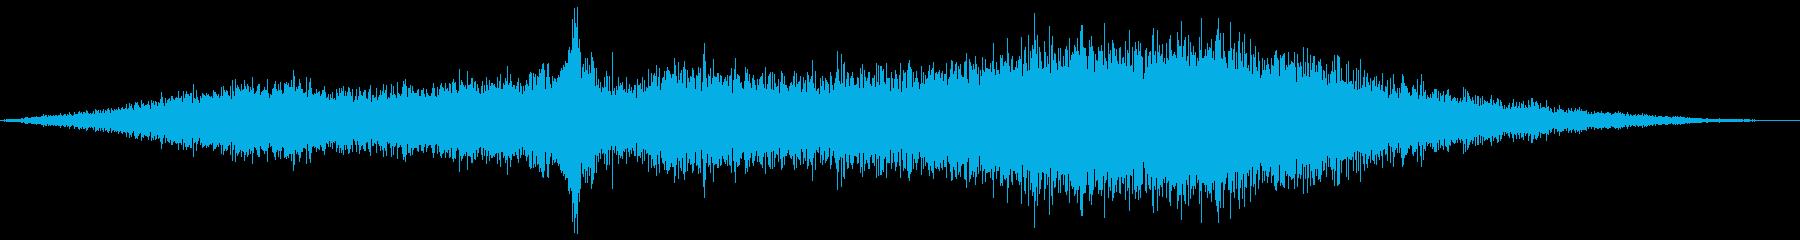 通り過ぎるトラック-遅いの再生済みの波形